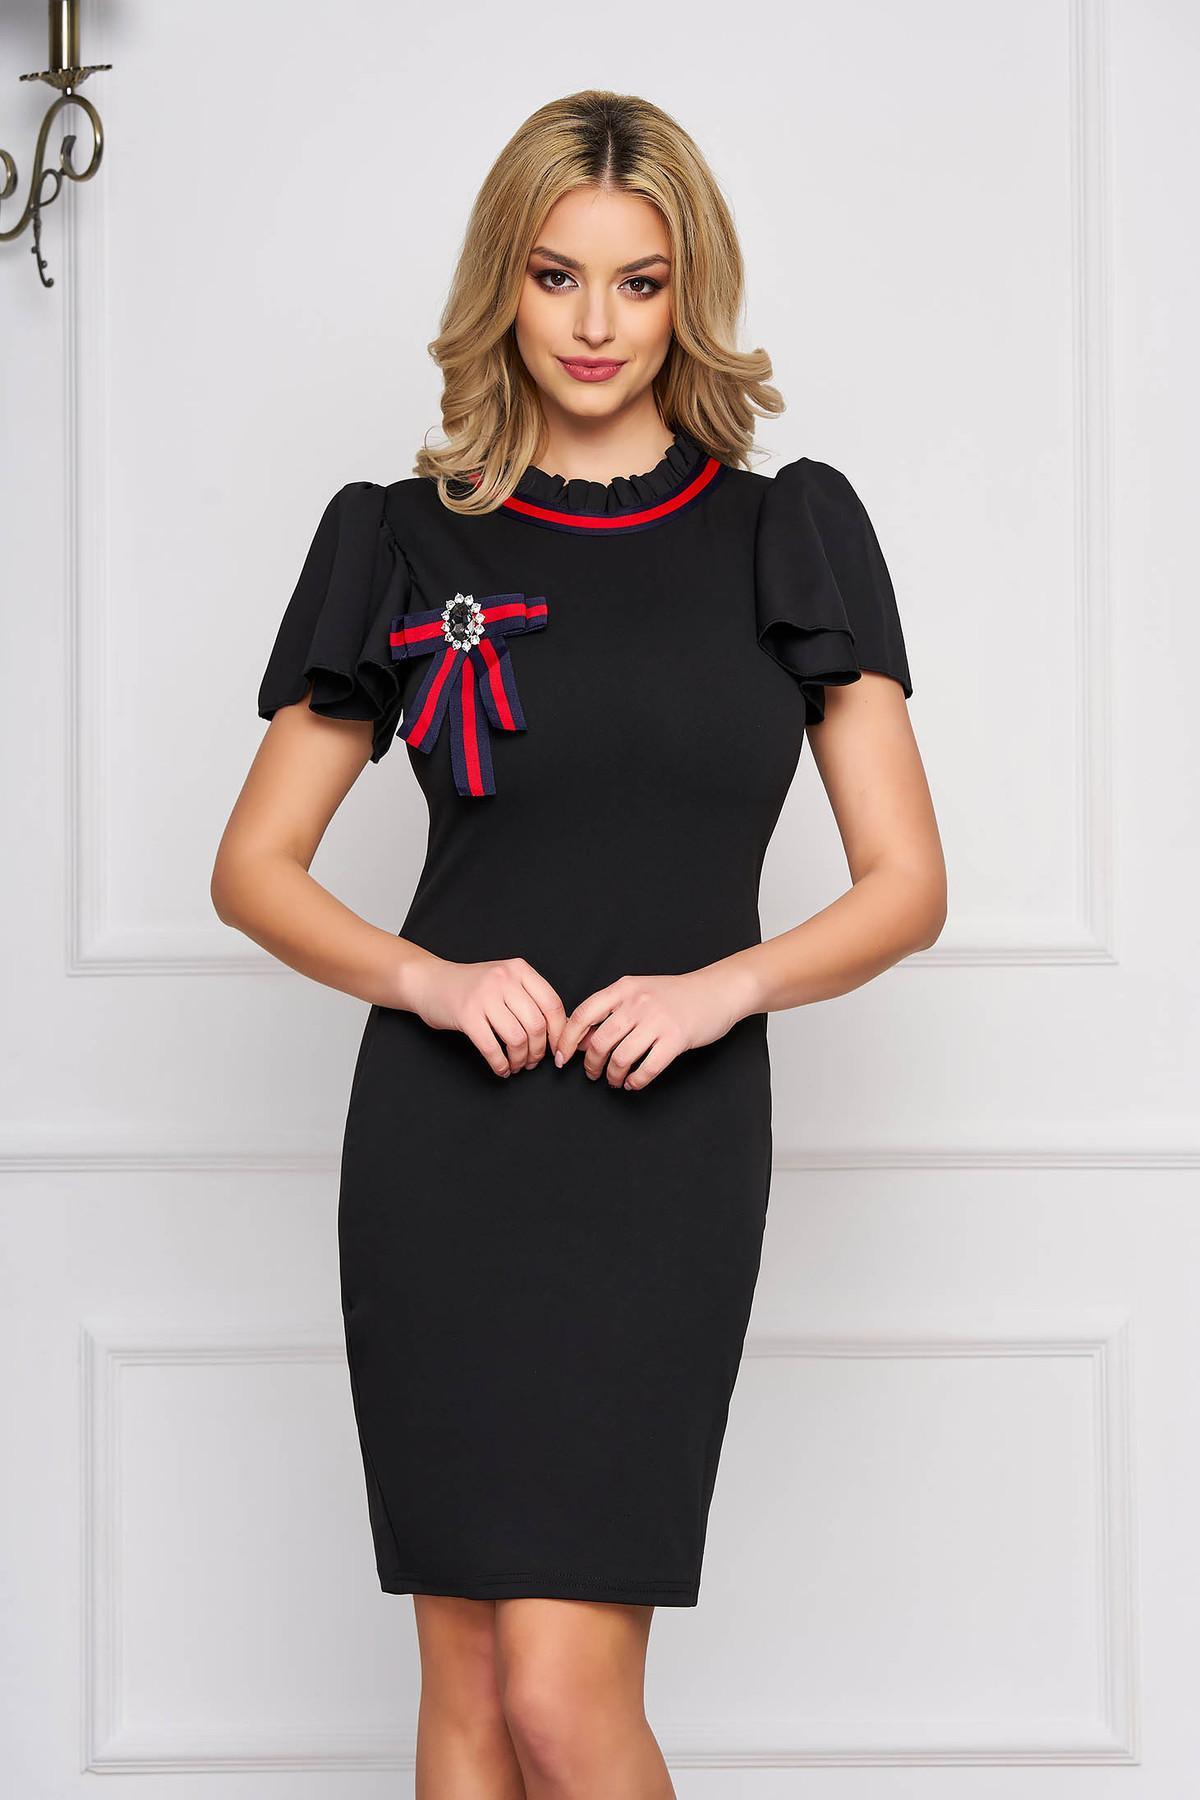 Rochie SunShine neagra eleganta scurta tip creion din stofa cu maneca scurta si accesorizata cu brosa